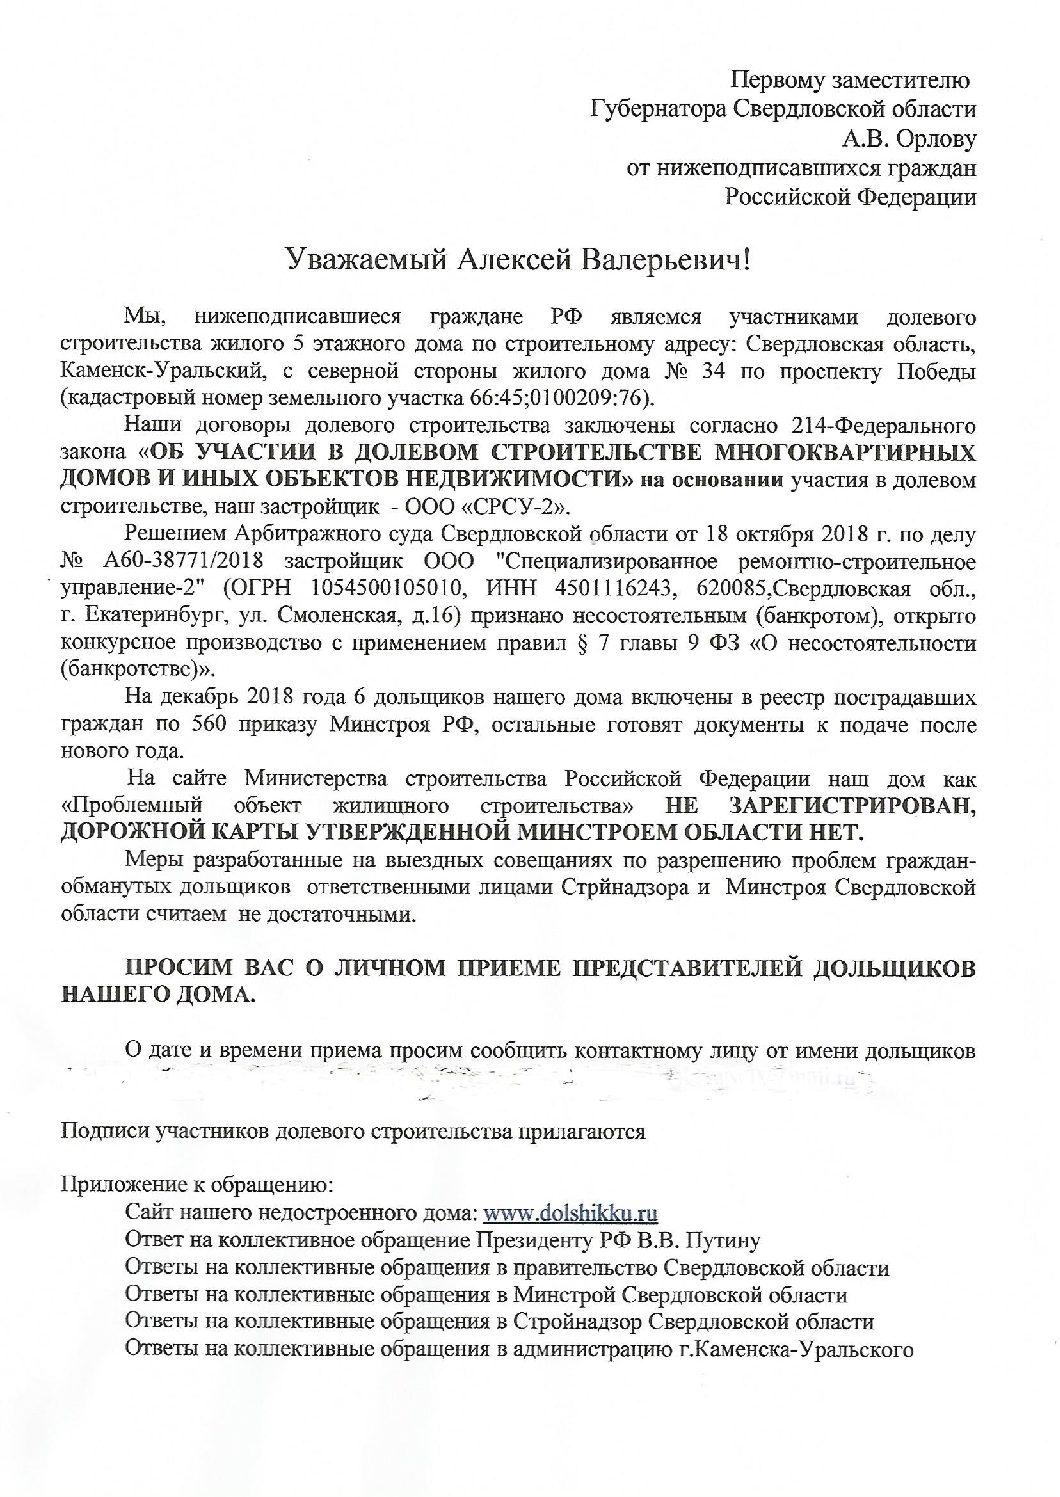 Обращение первому заместителю Губернатора Свердловской области